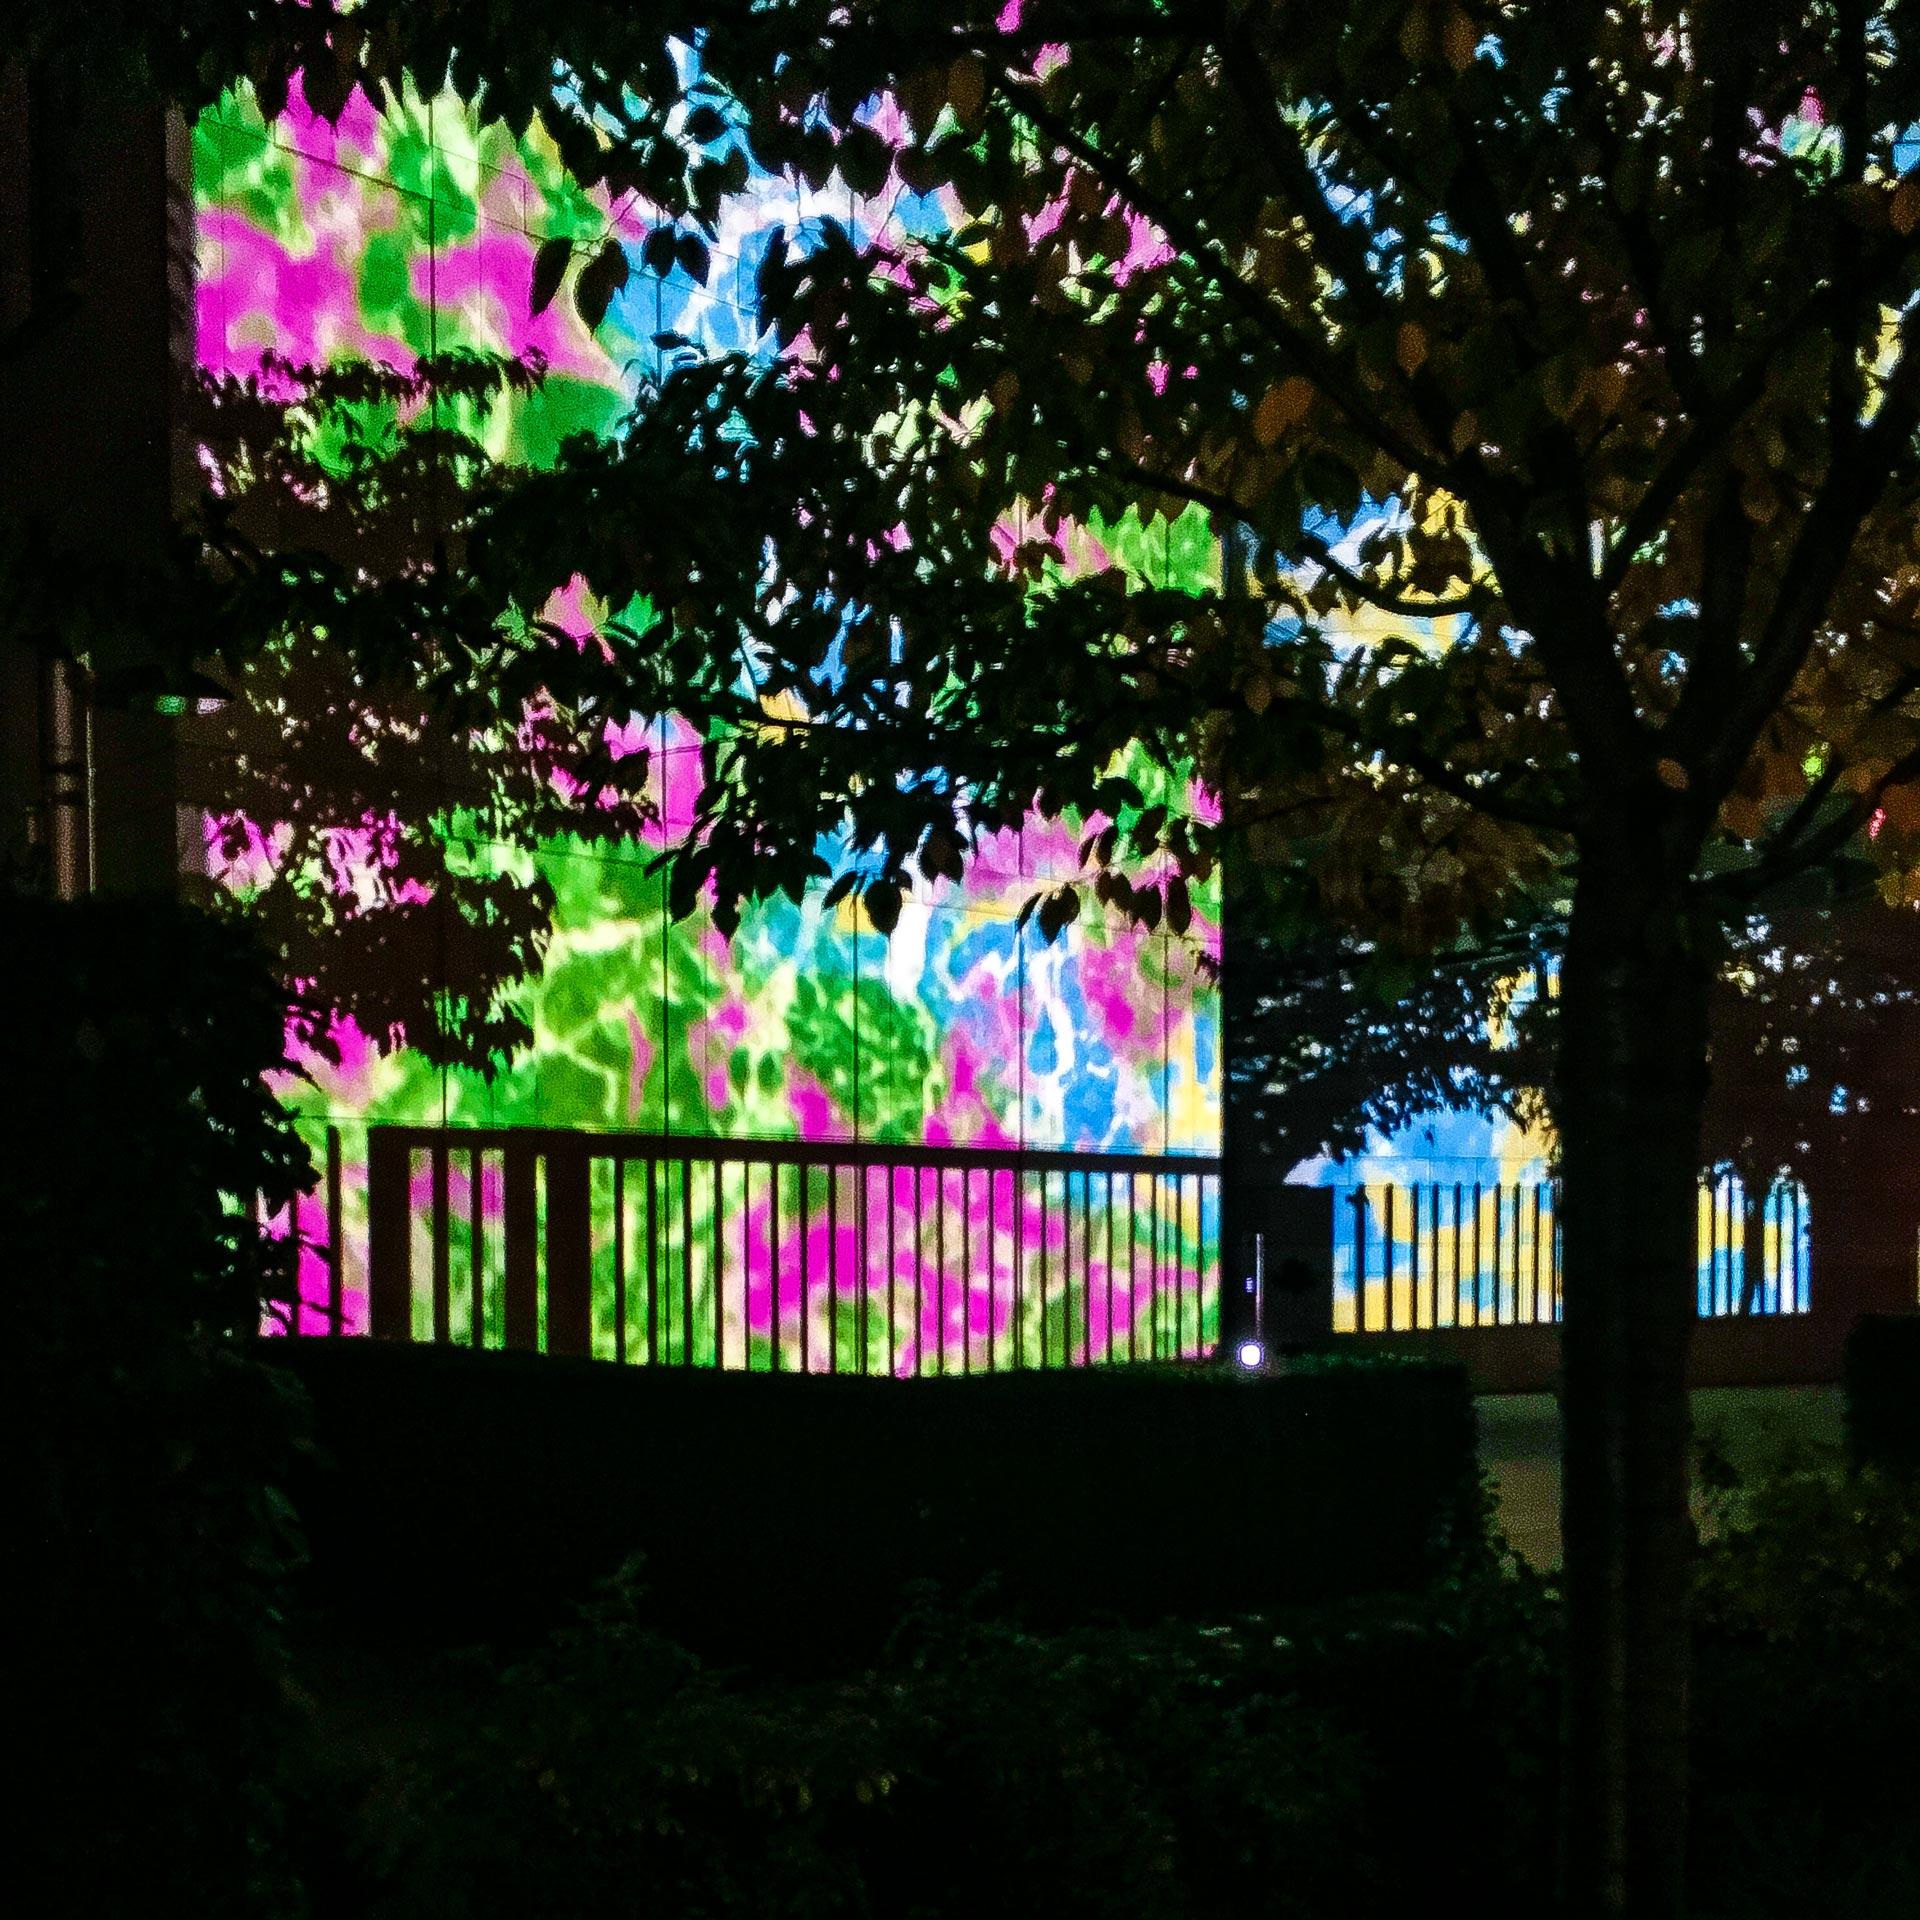 Festival of Lights 2017: Botschaft der Republik Singapur hinter Bäumen